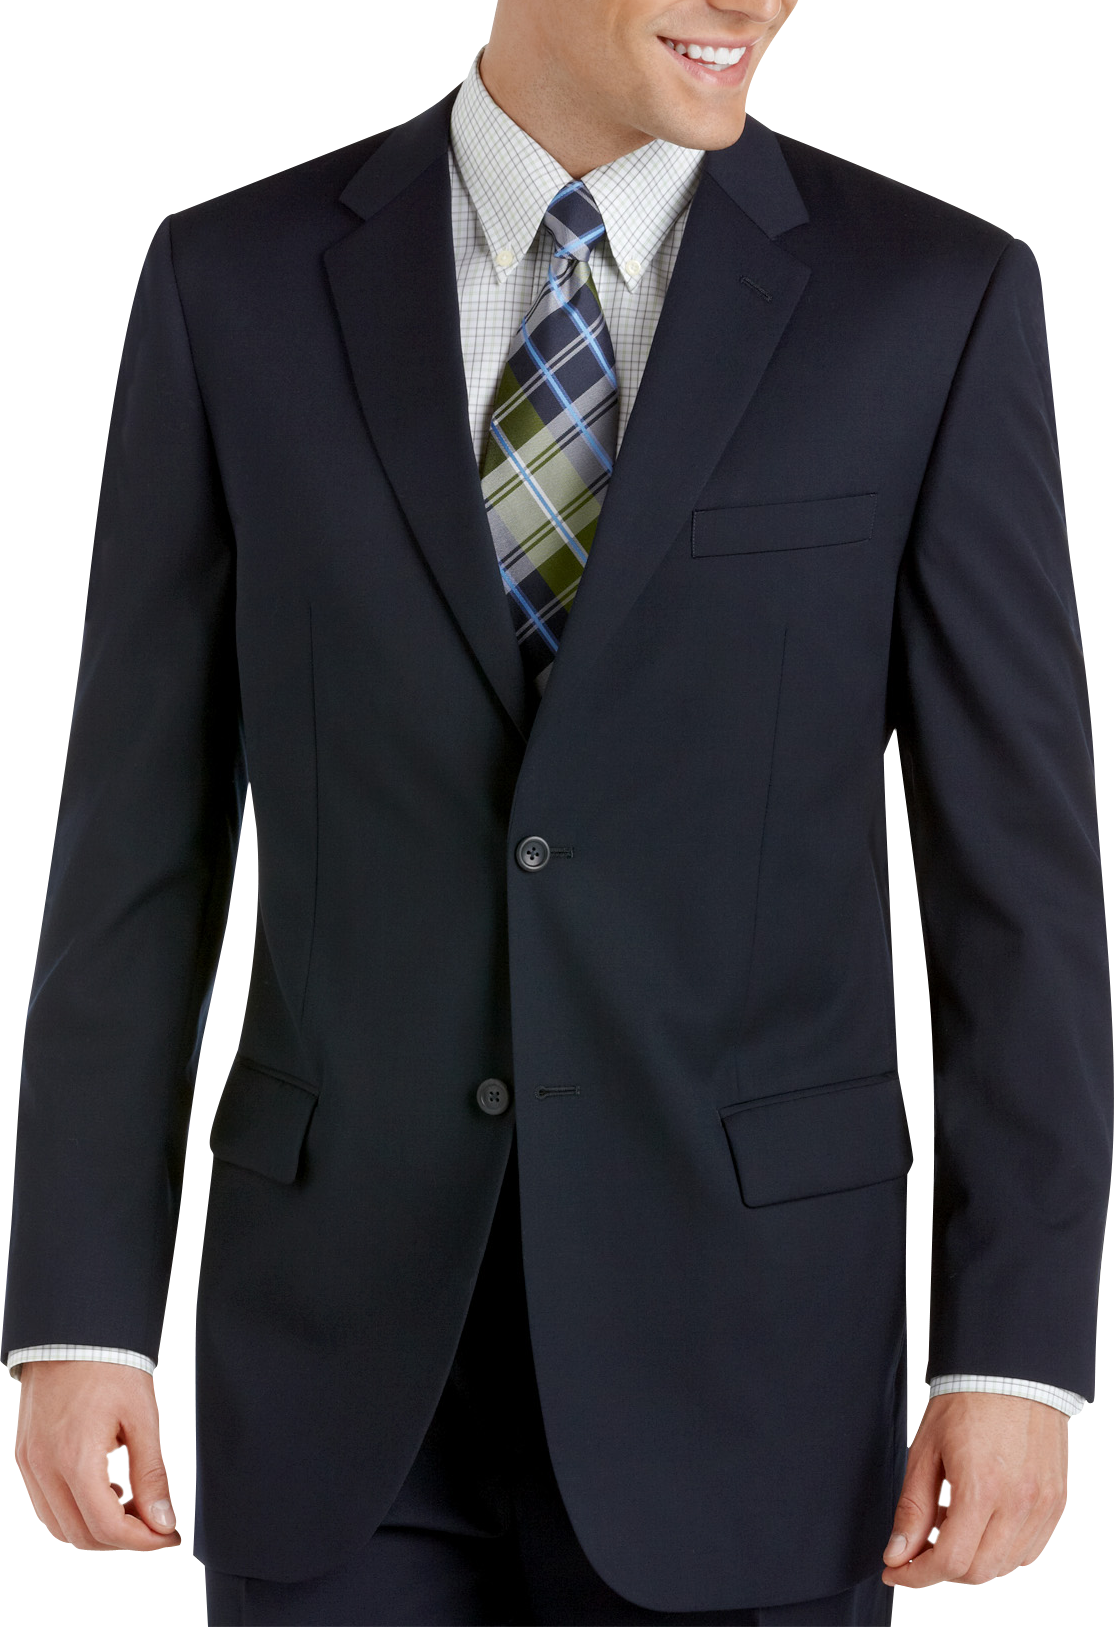 Joseph & Feiss Classic Mens Suit